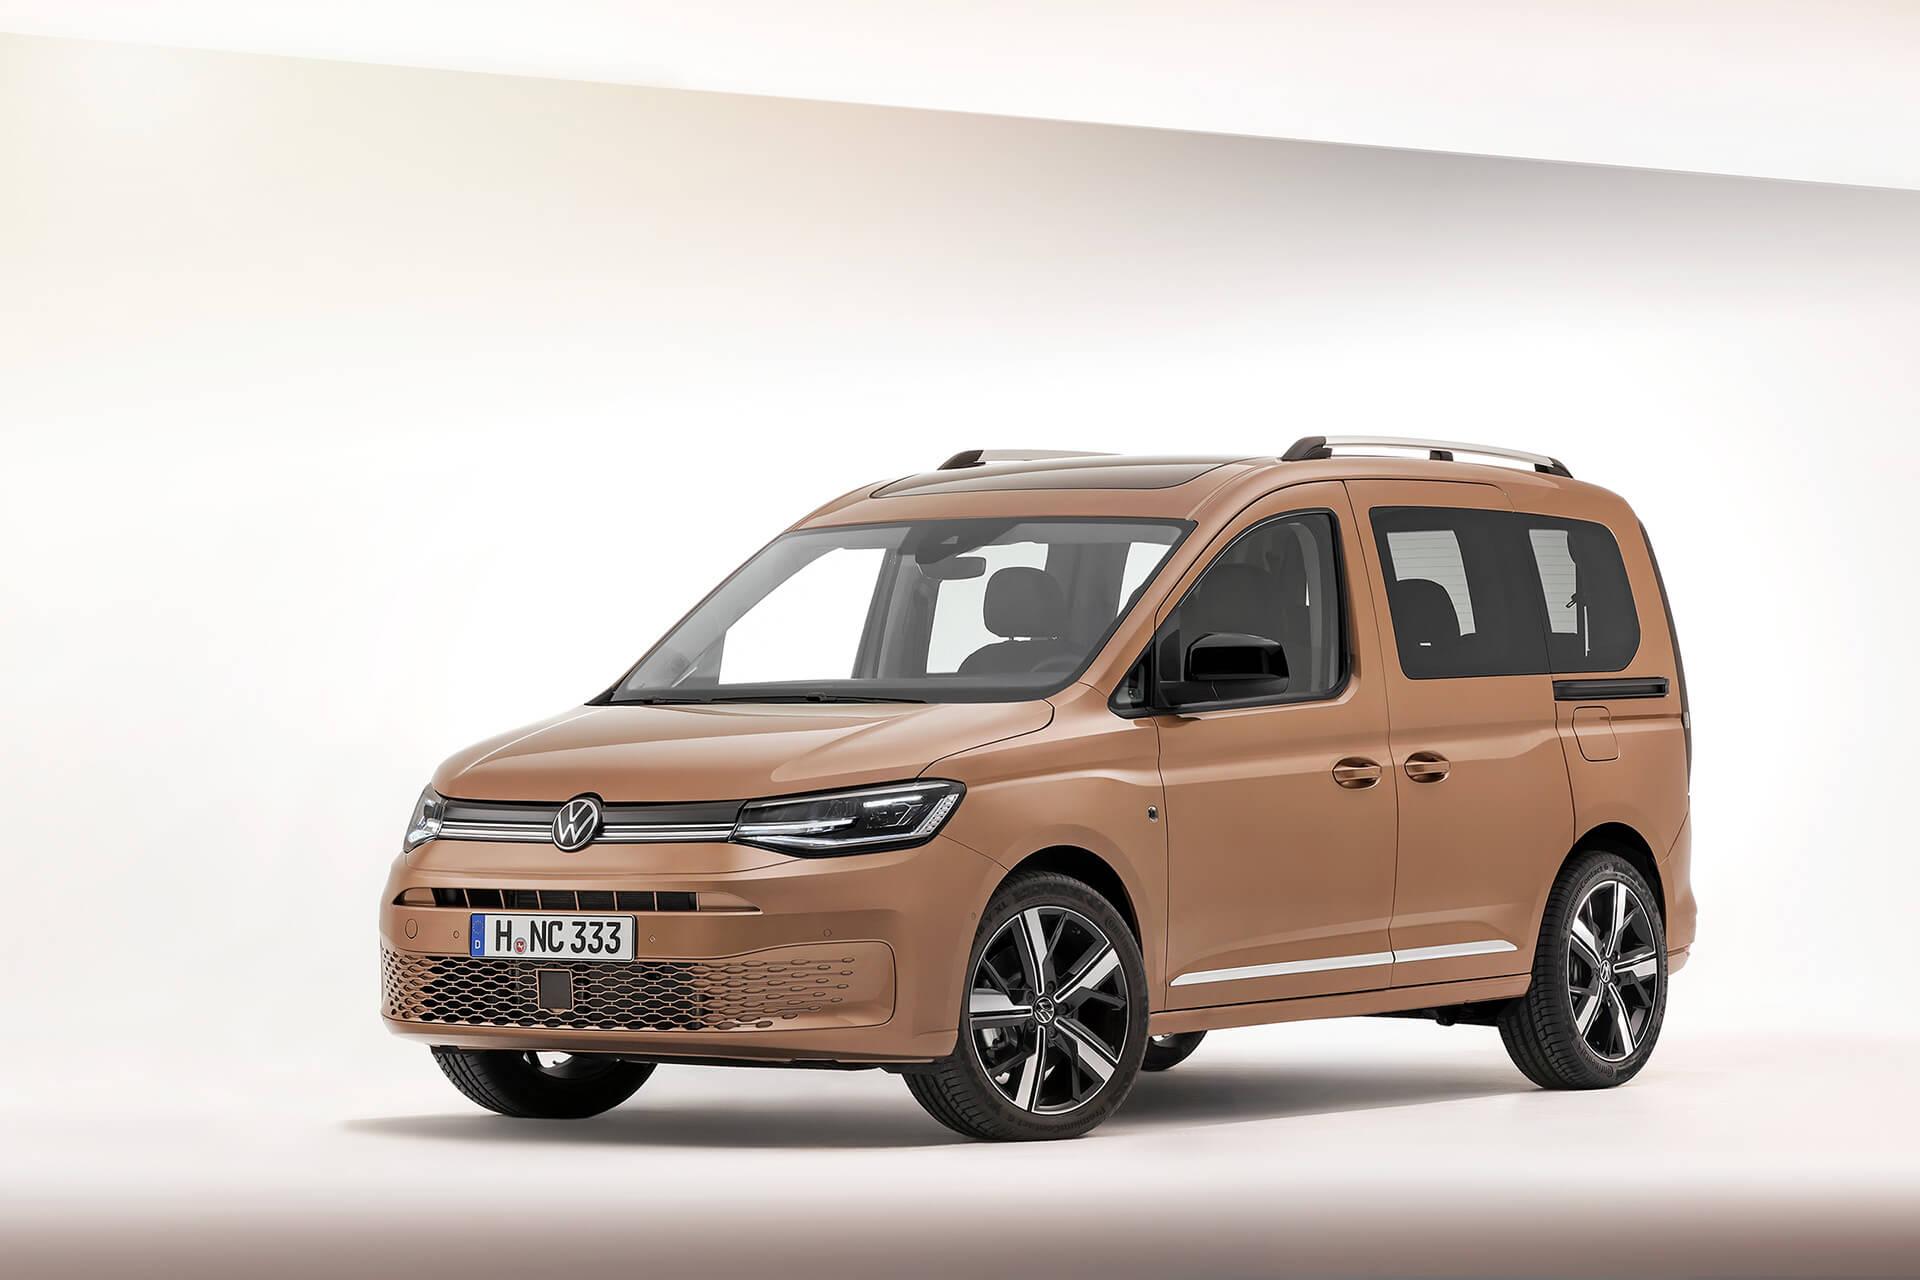 Νέο Volkswagen Caddy - Χαρισματικός σχεδιασμός και νέα εξωτερικά χαρακτηριστικά